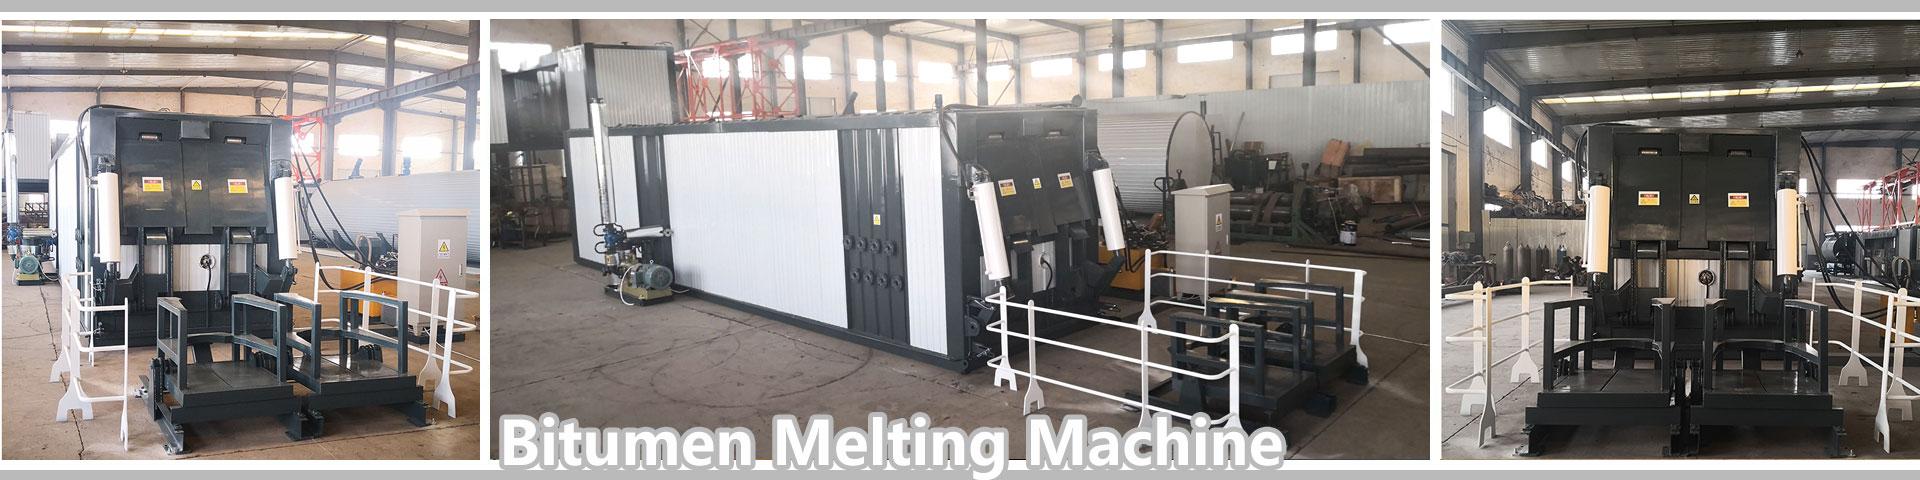 bitumen melting machine manufacturers manufacturer china